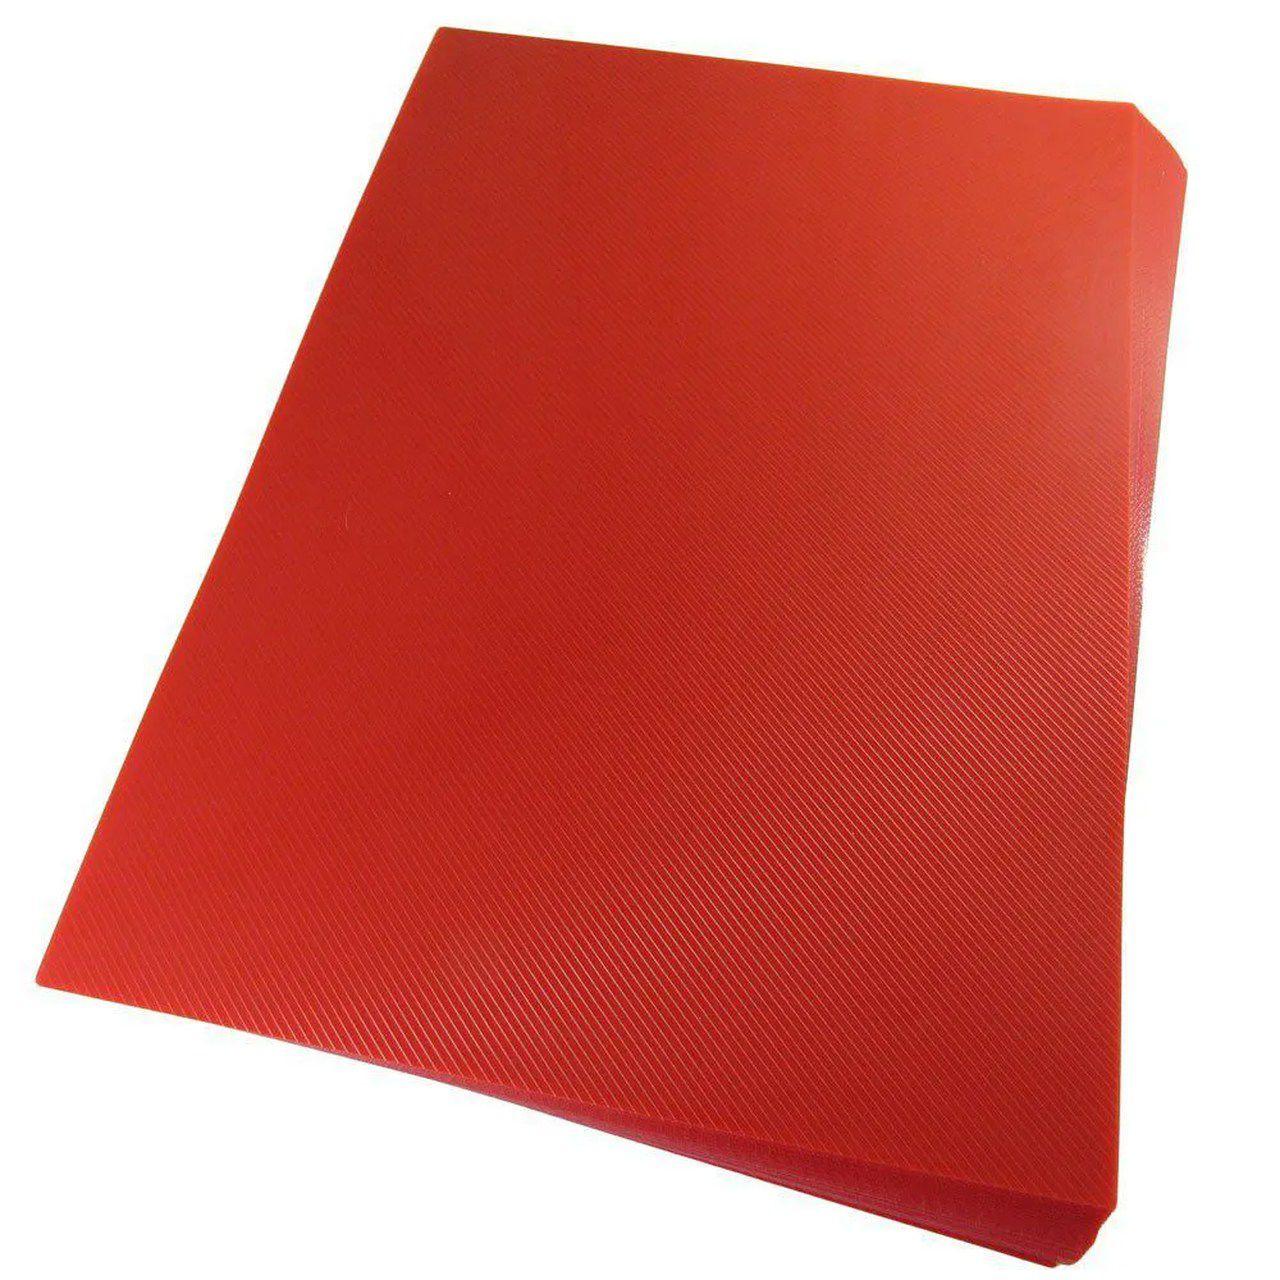 Capa para encadernação A3 Vermelha PP Line 0,30mm 100un